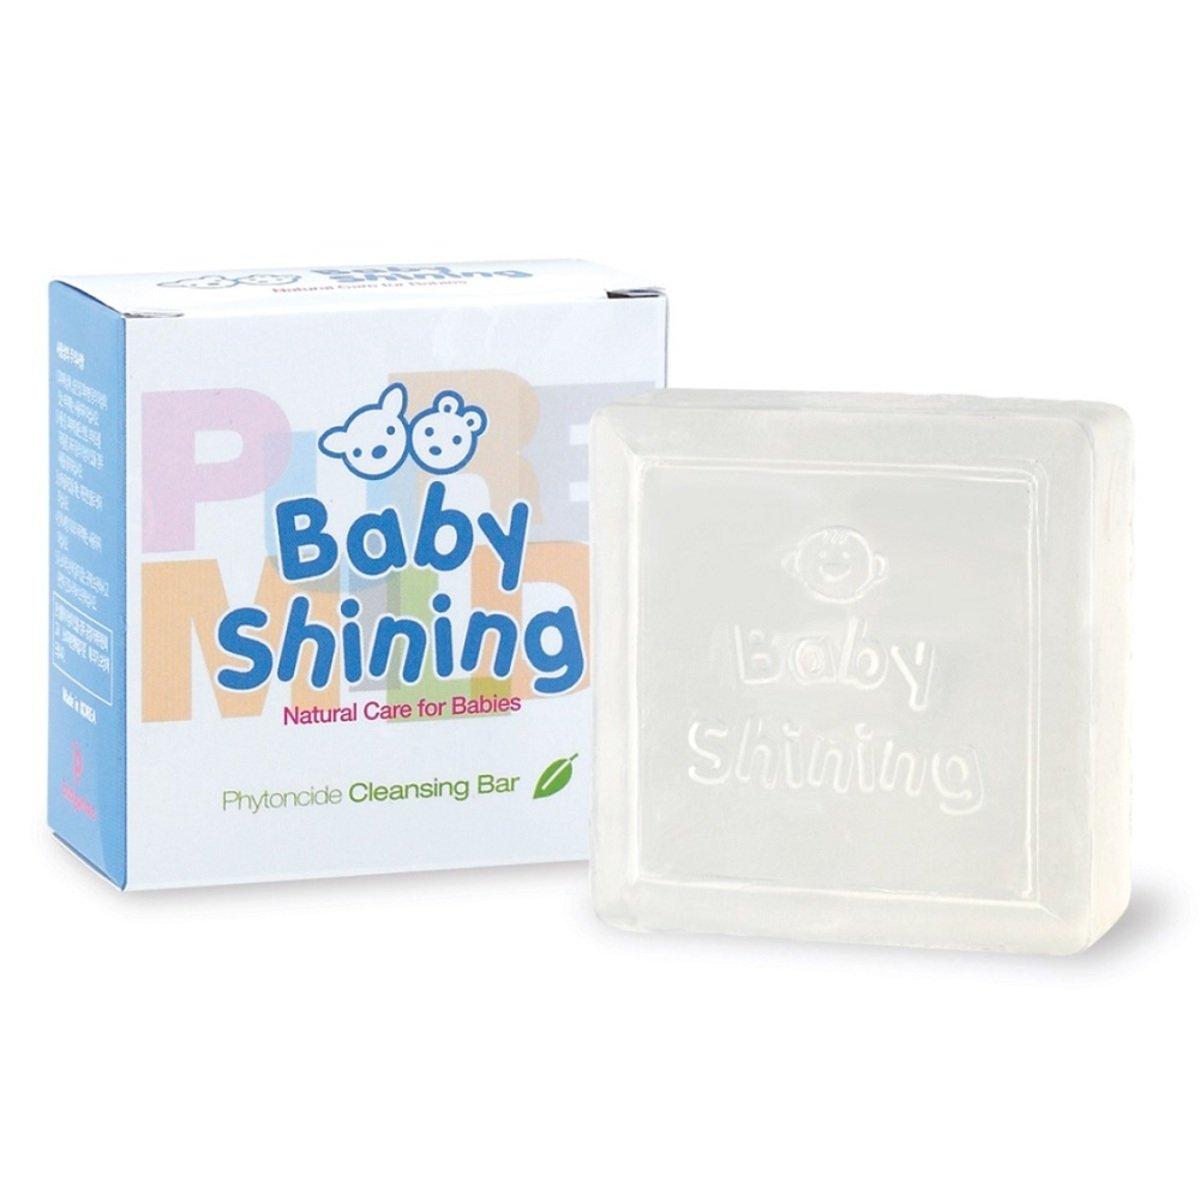 舒緩潔膚皂 (使用期限: 10/05/2017)